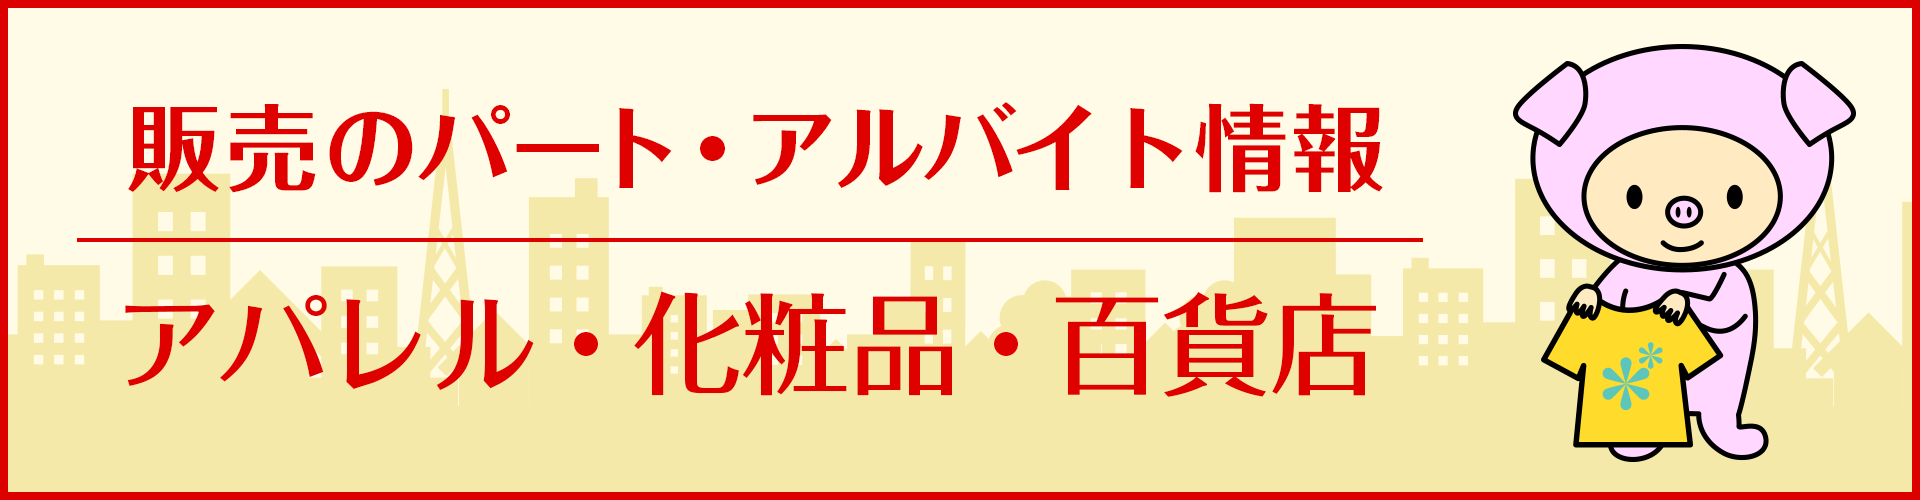 アパレル・化粧品・百貨店販売